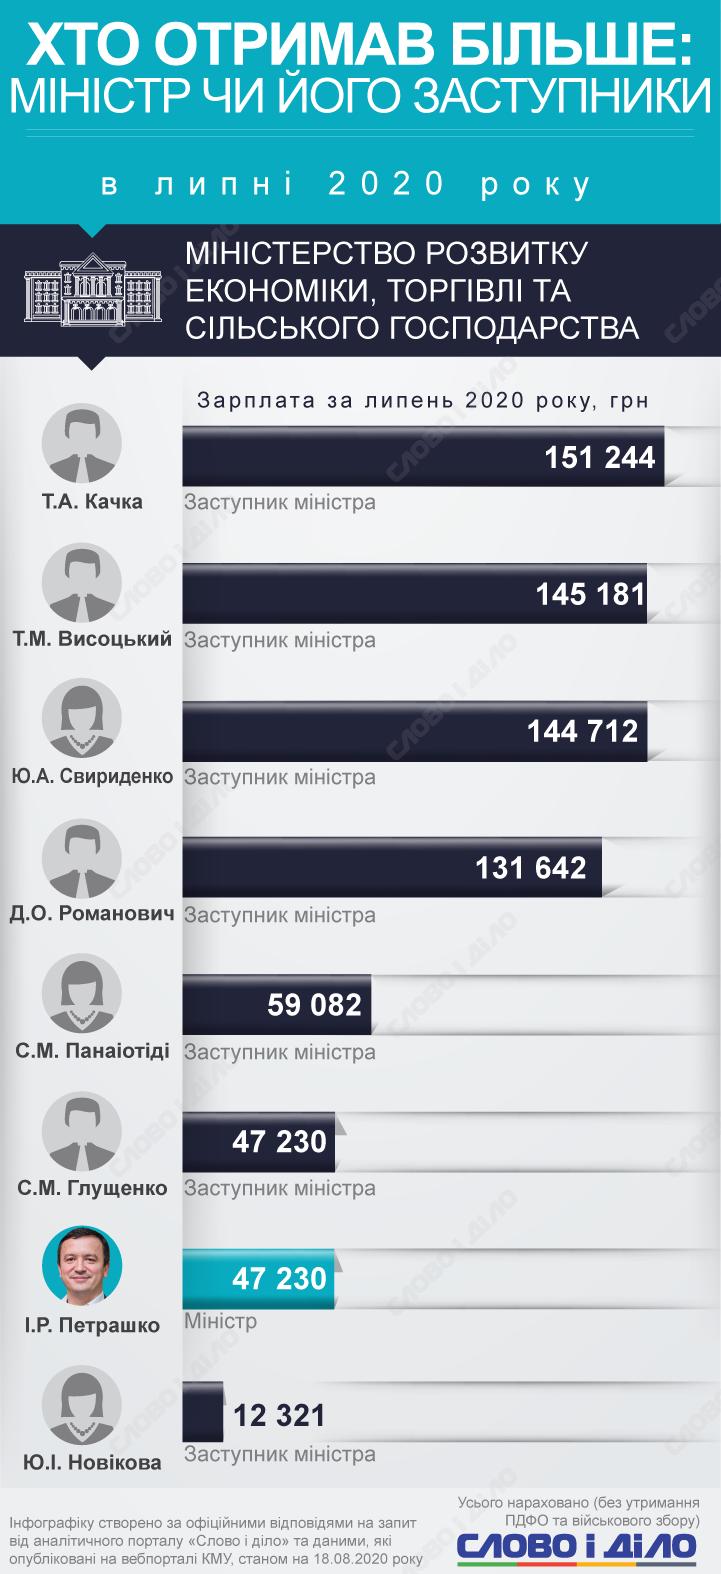 117106-2_ru_normal.png